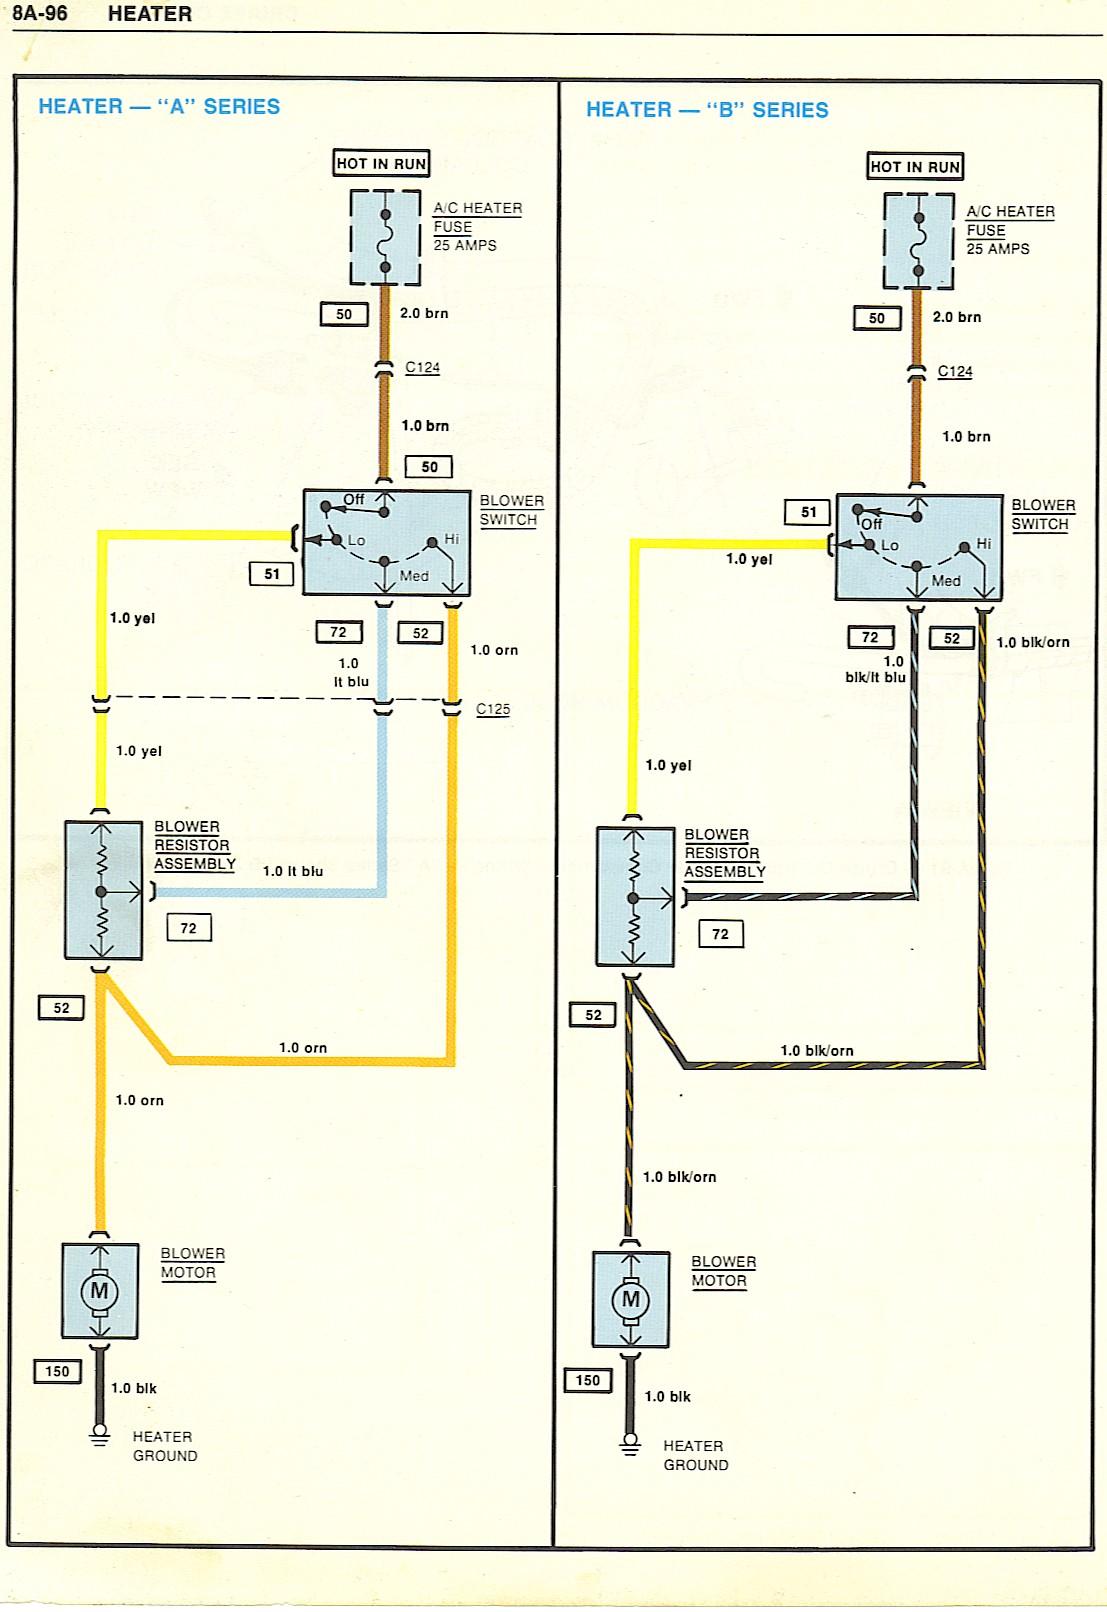 Pleasing 1975 Camaro Wiring Diagram Wiring Library Wiring Cloud Filiciilluminateatxorg